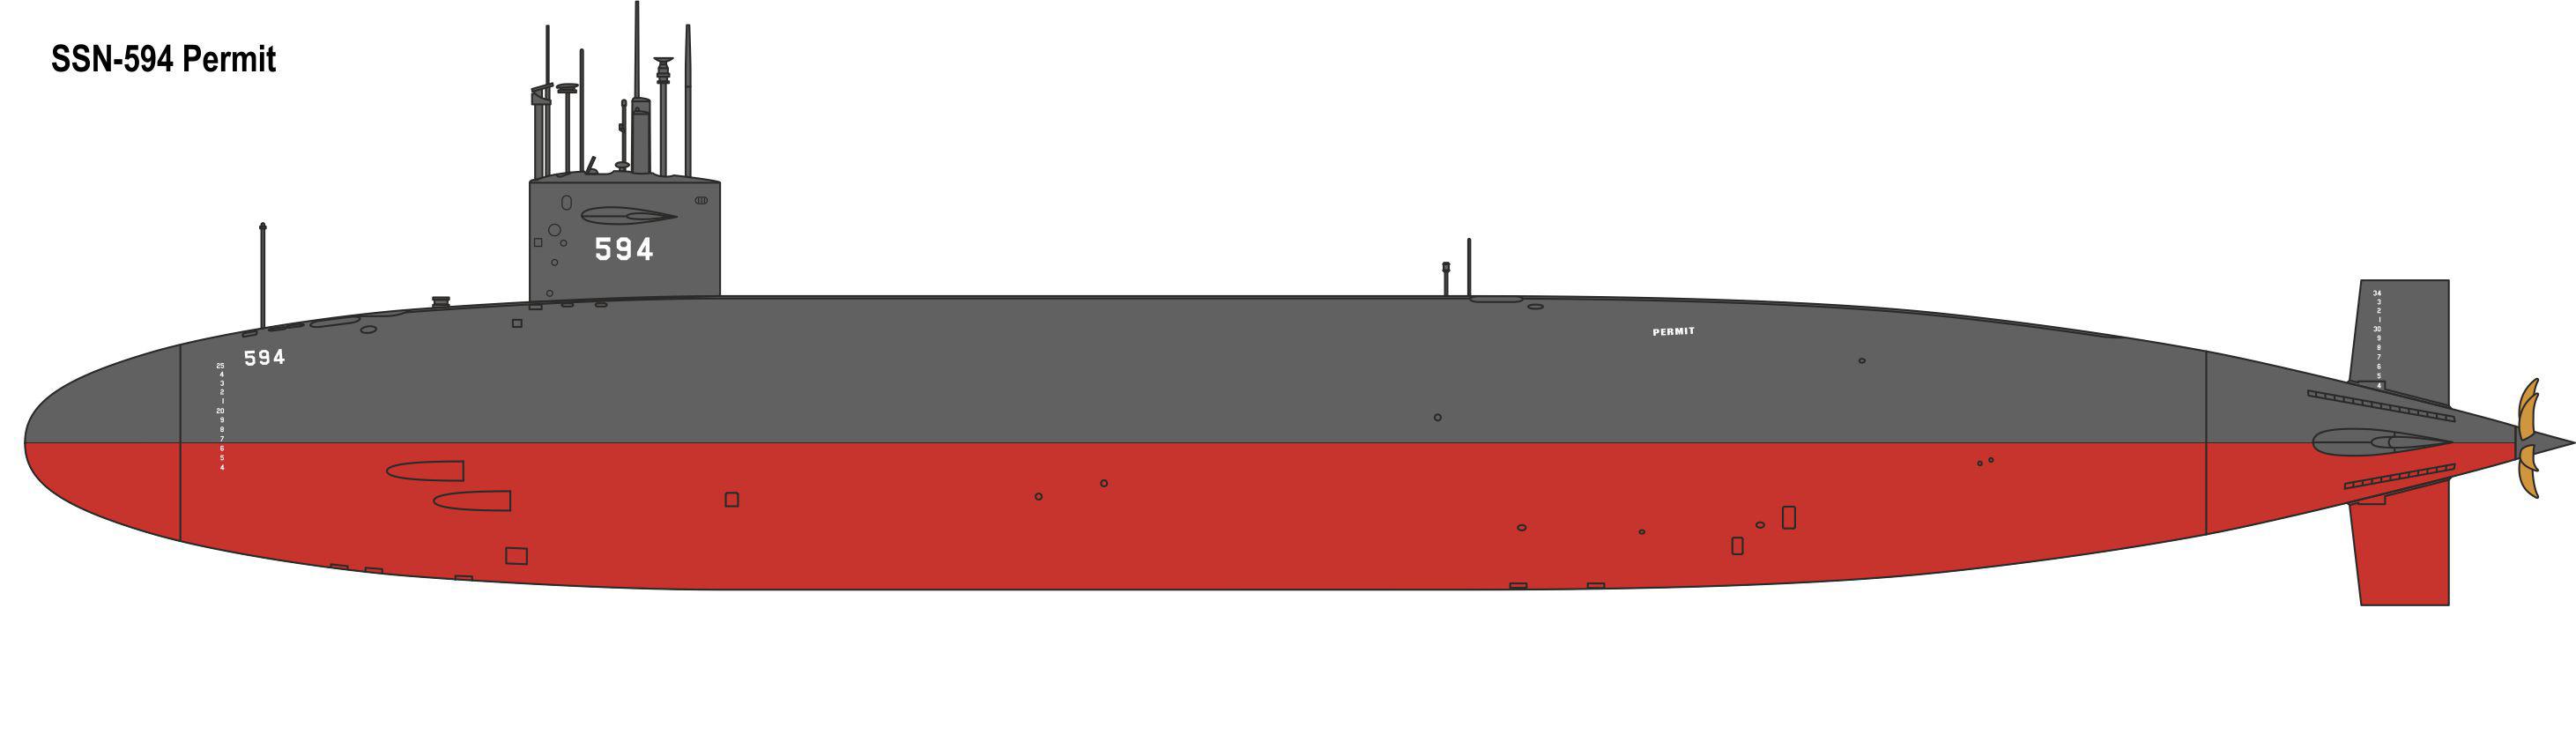 Navy Submarine PERMIT SSN-594 U.S Modelsvit Models 1//144 U.S.S